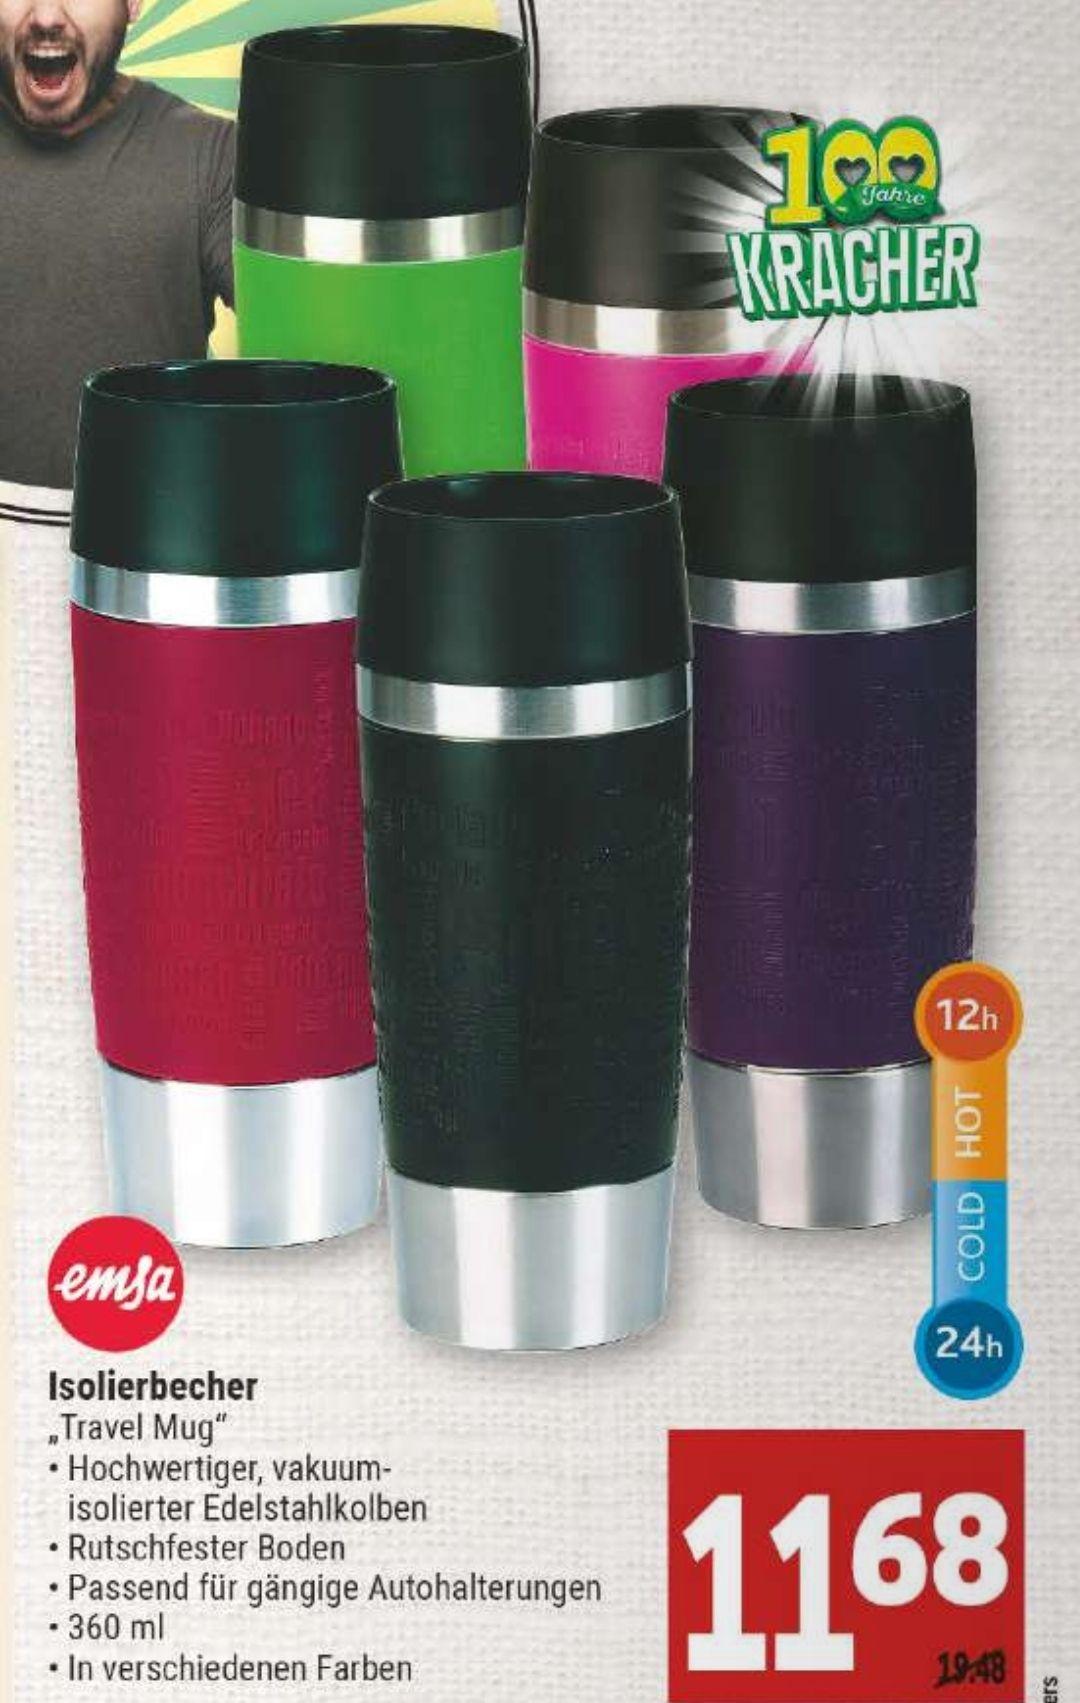 [Marktkauf Minden-Hannover] Emsa Travel Mug Isolierbecher 360ml versch. Farben mit 10% Coupon für 10,51€